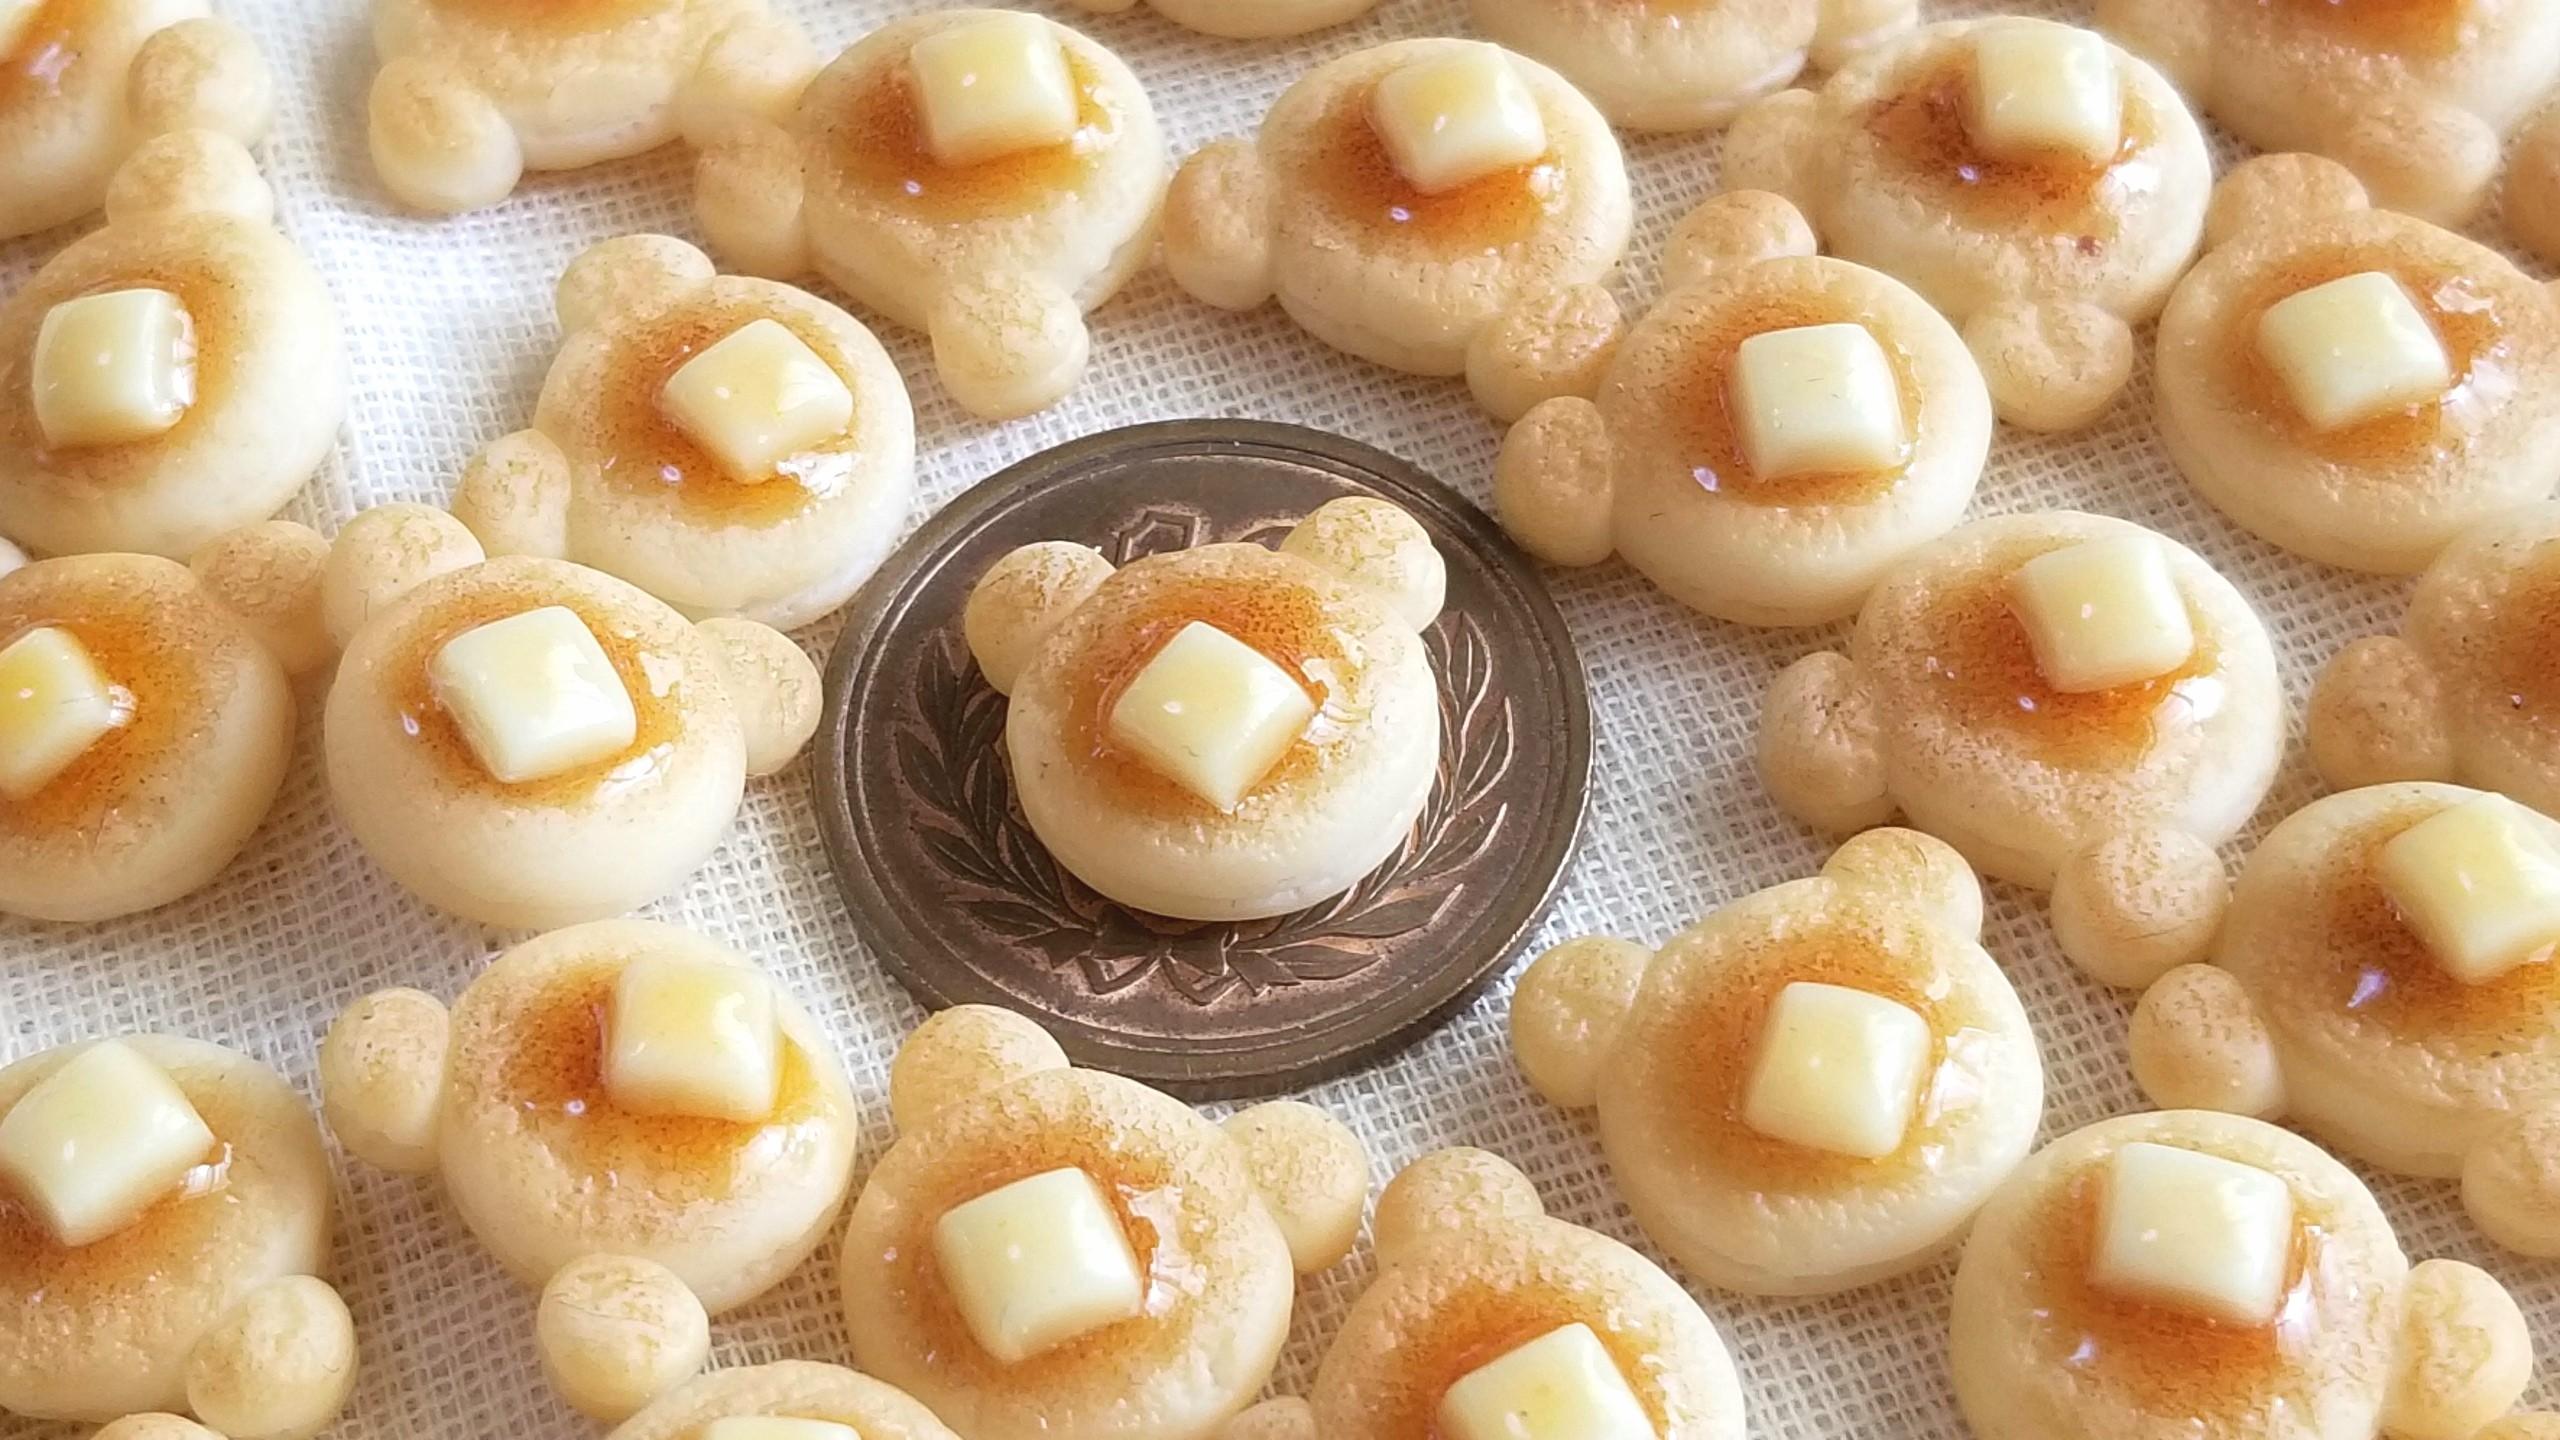 クマちゃんホットケーキ,ミニチュアフード,ミンネで販売中,樹脂粘土